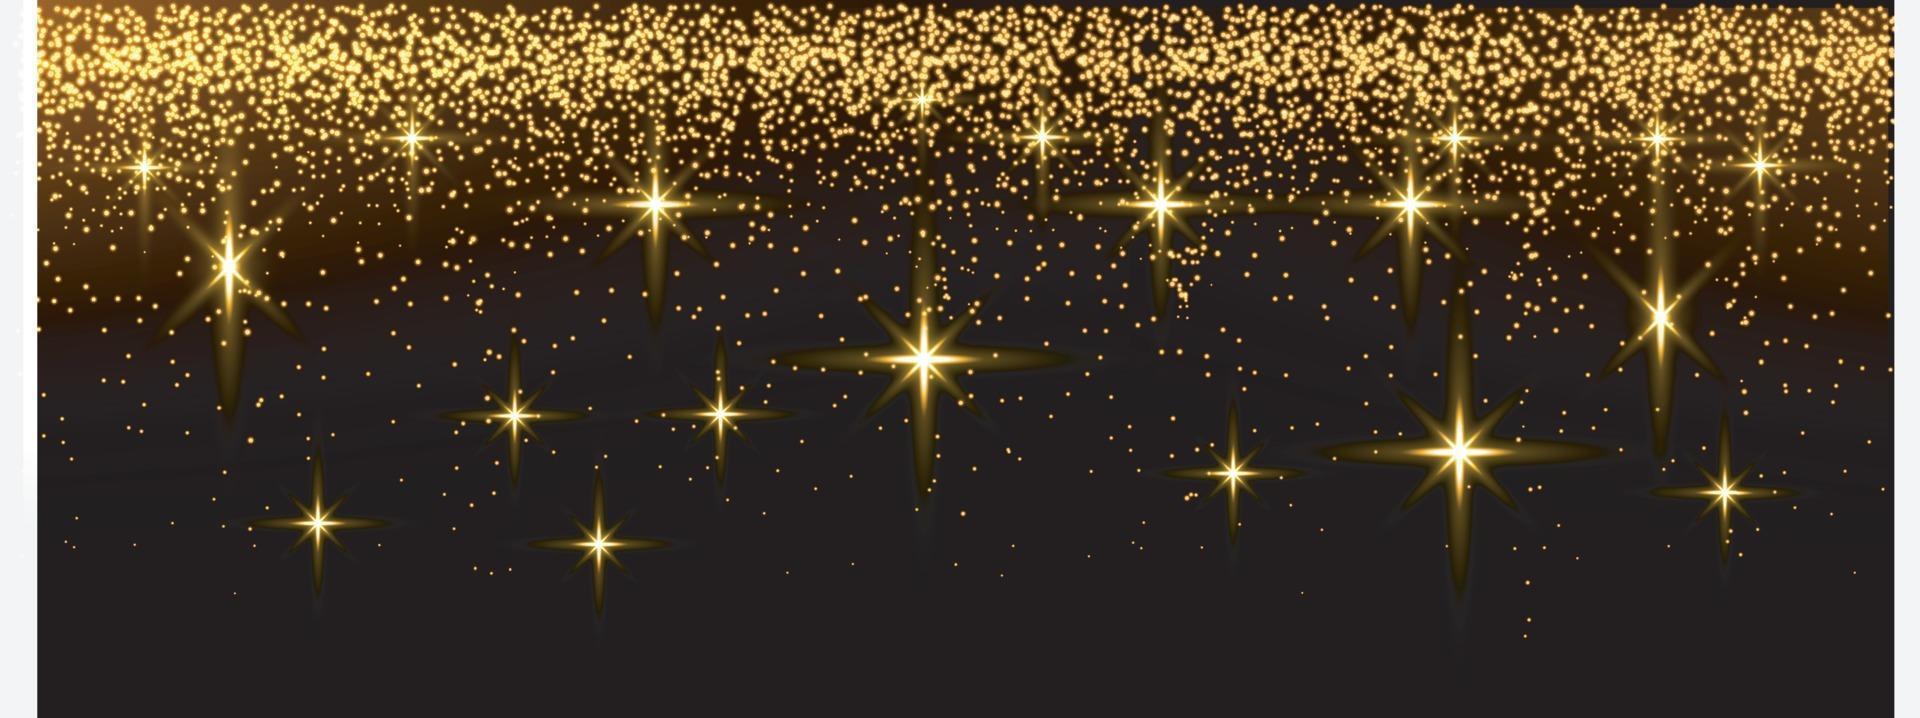 gouden glitter en sterren op geïsoleerde achtergrond. vector